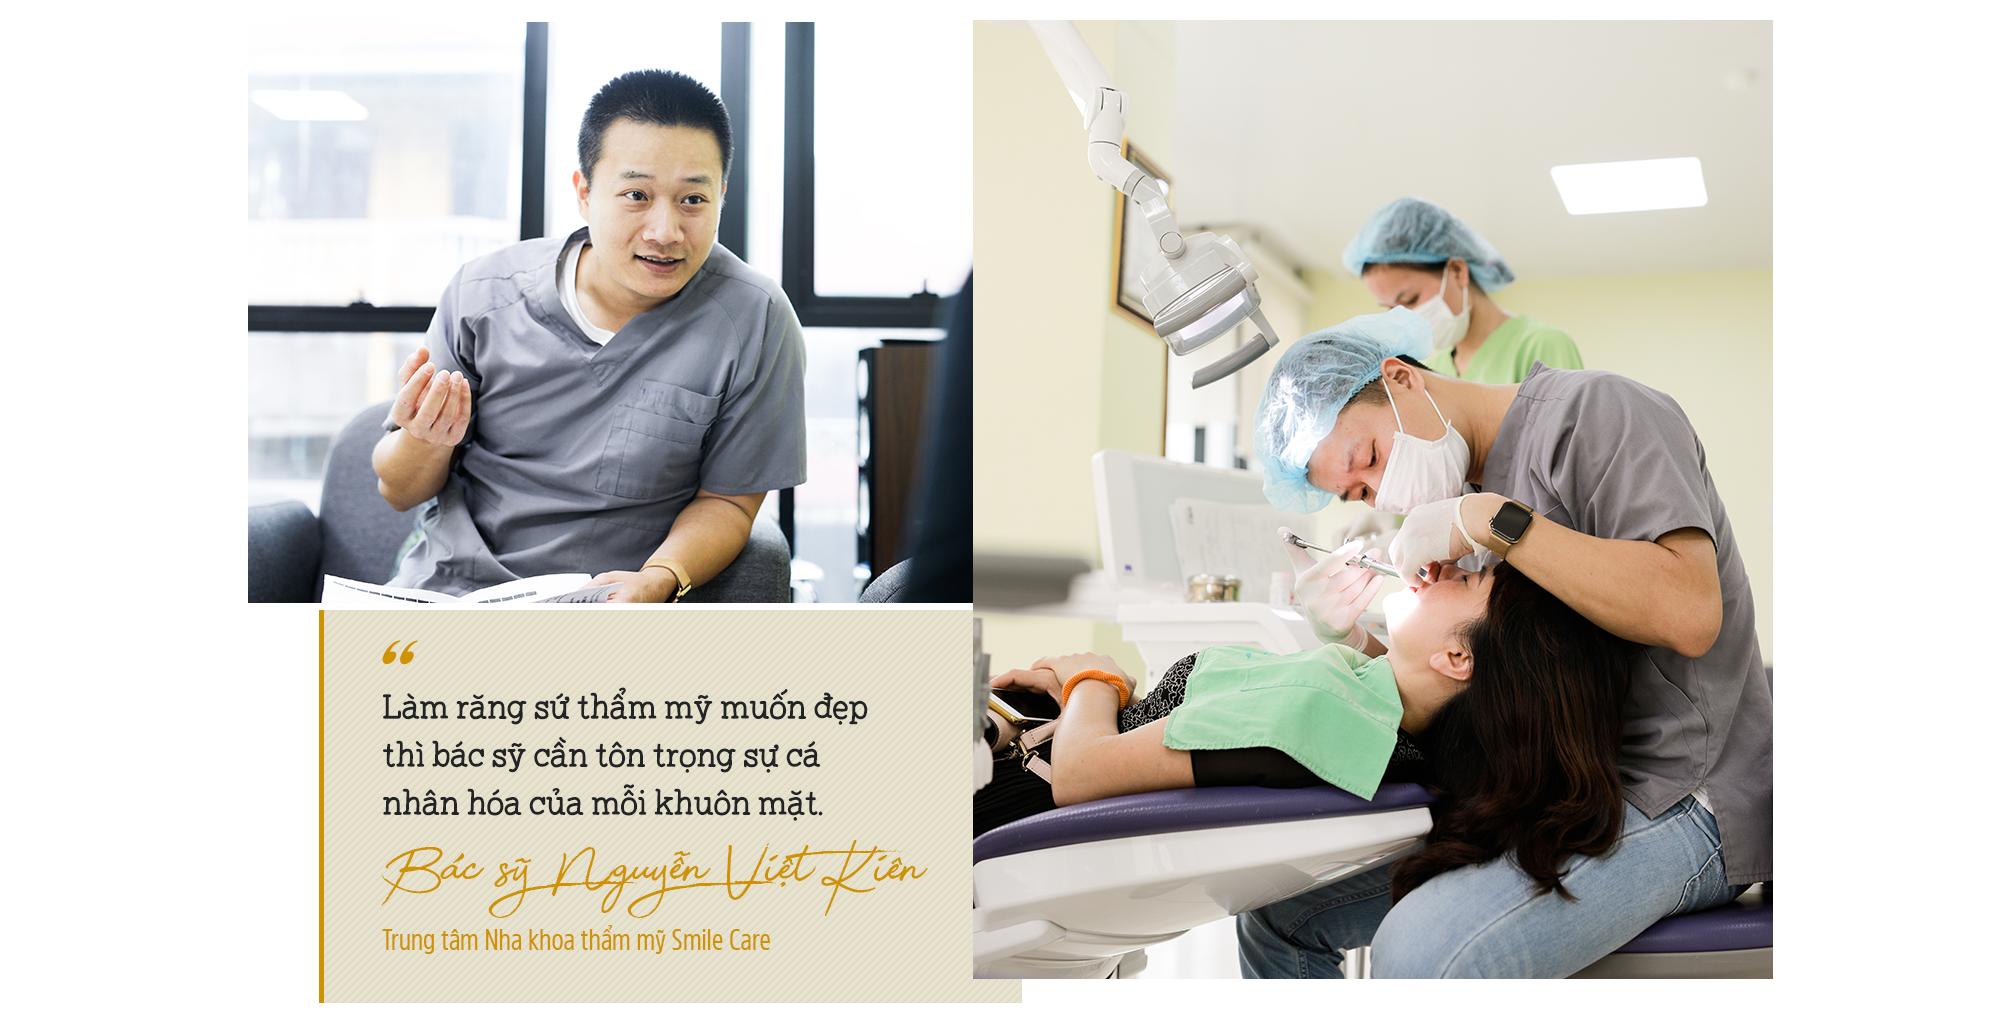 Bác sỹ Nguyễn Việt Kiên: Mỗi chiếc răng sứ mang theo một câu chuyện về nghề làm răng thẩm mỹ - Ảnh 5.